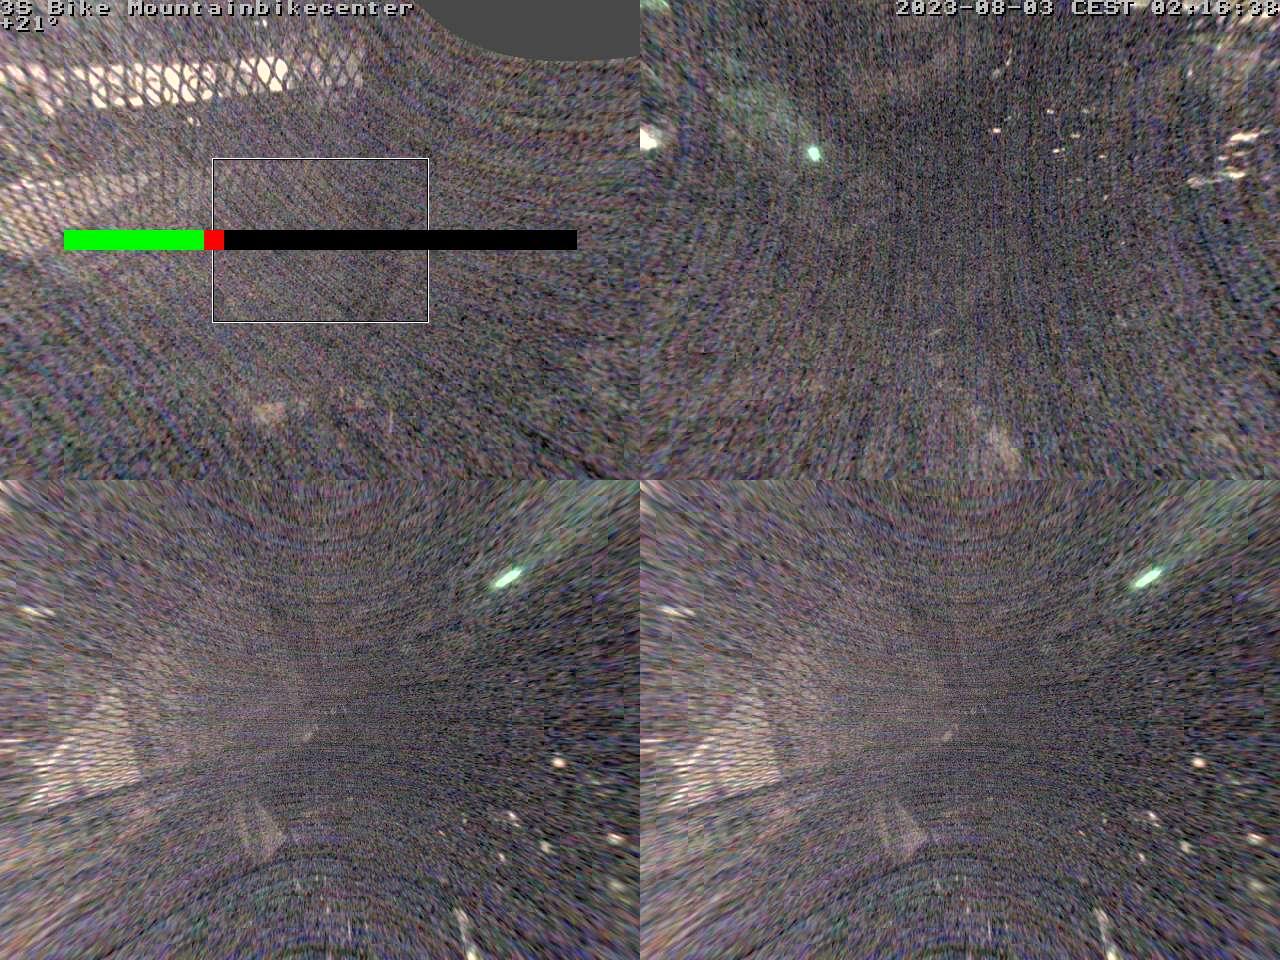 3s-Bike Webcam